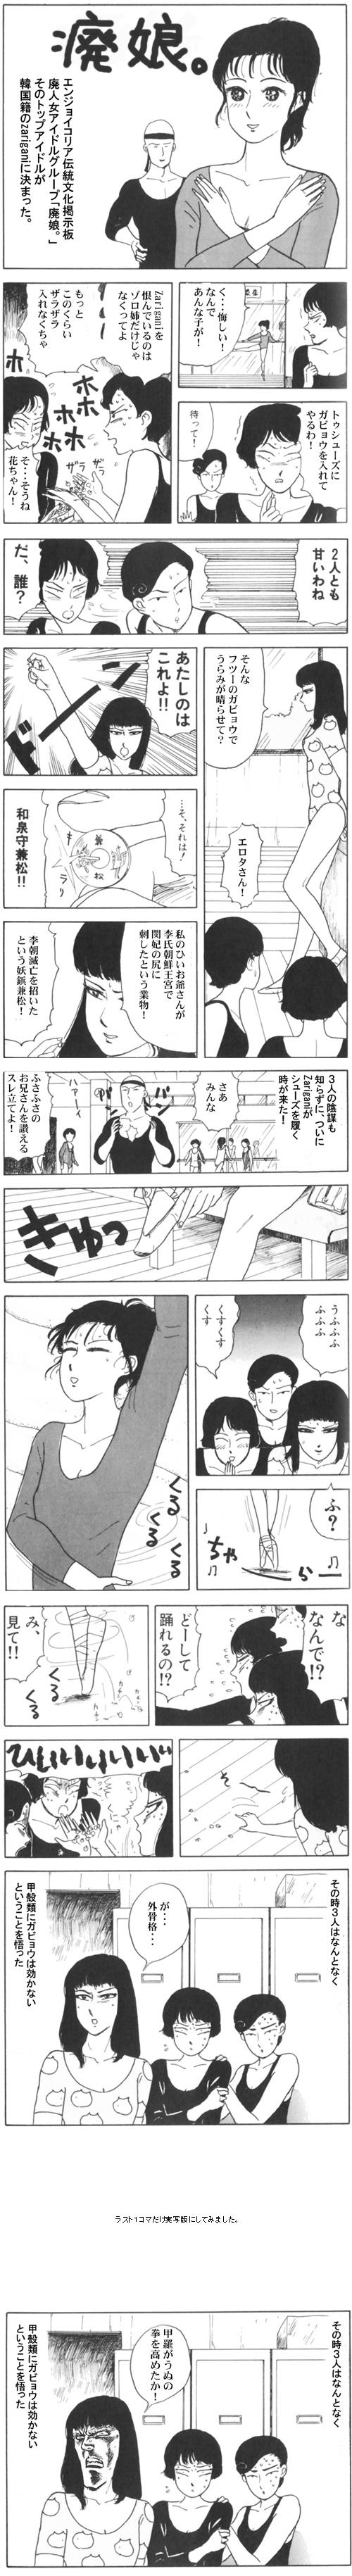 クソスレ置き場/lolotta重営倉 -...